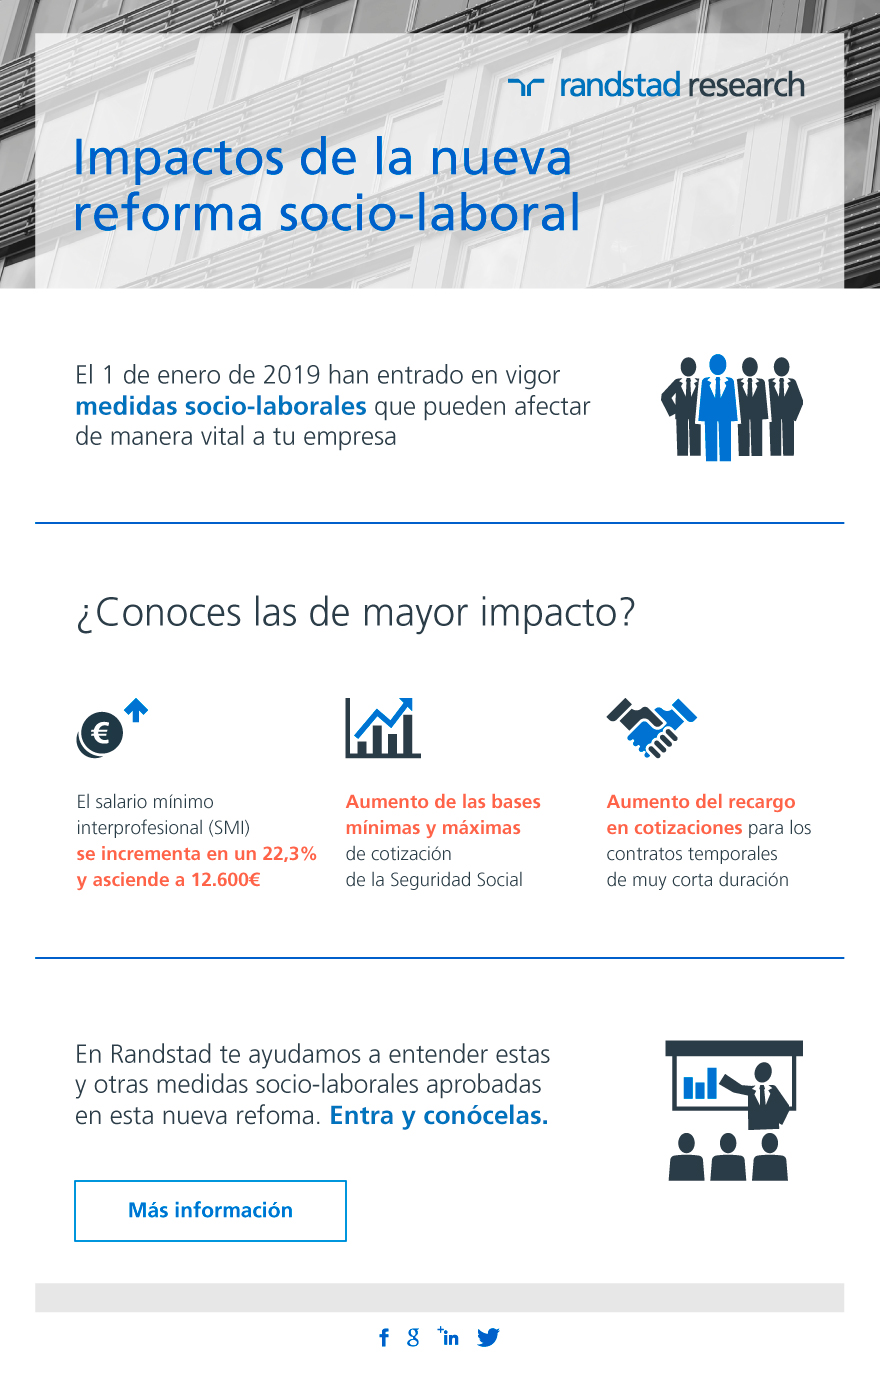 Infografía sobre los datos de la reforma socio-laboral en España 2019